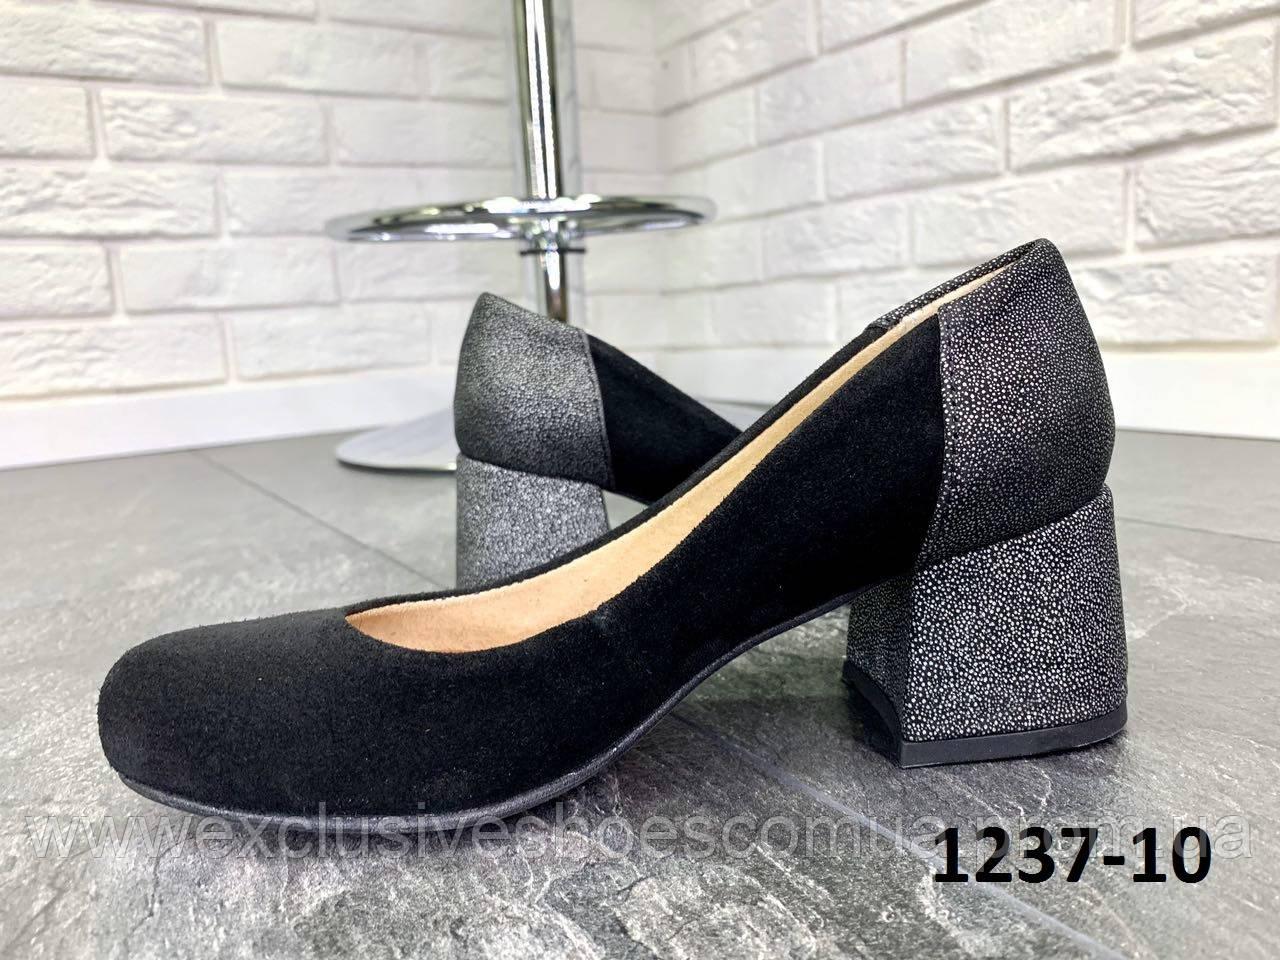 Туфли женские замшевые черные на каблуке с принтом на пятке